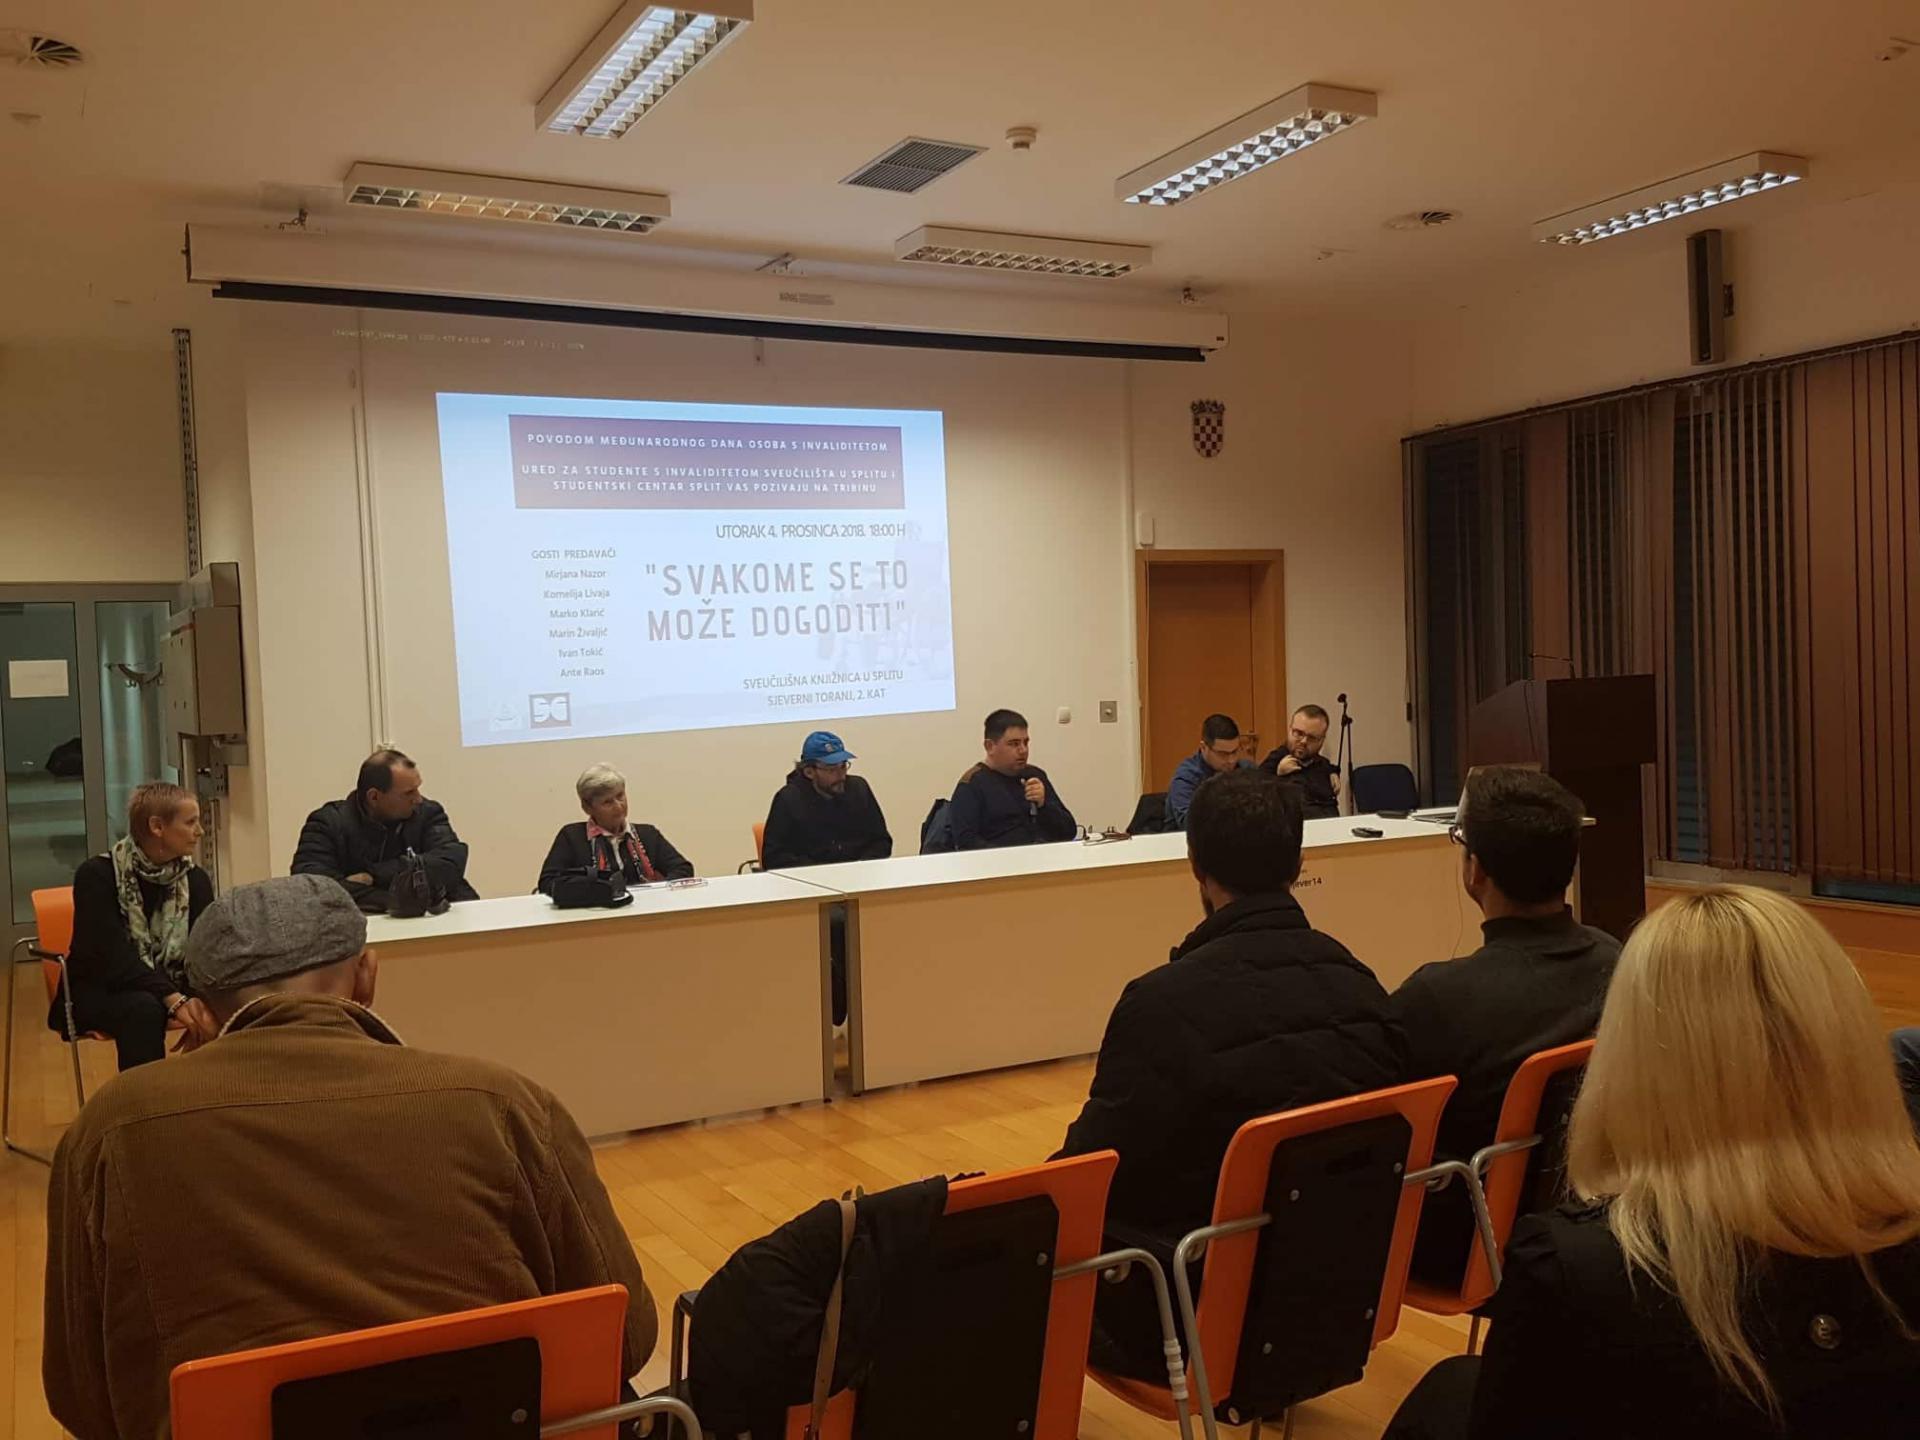 Sudionici tribine održane u Sveučilišnoj knjižnici